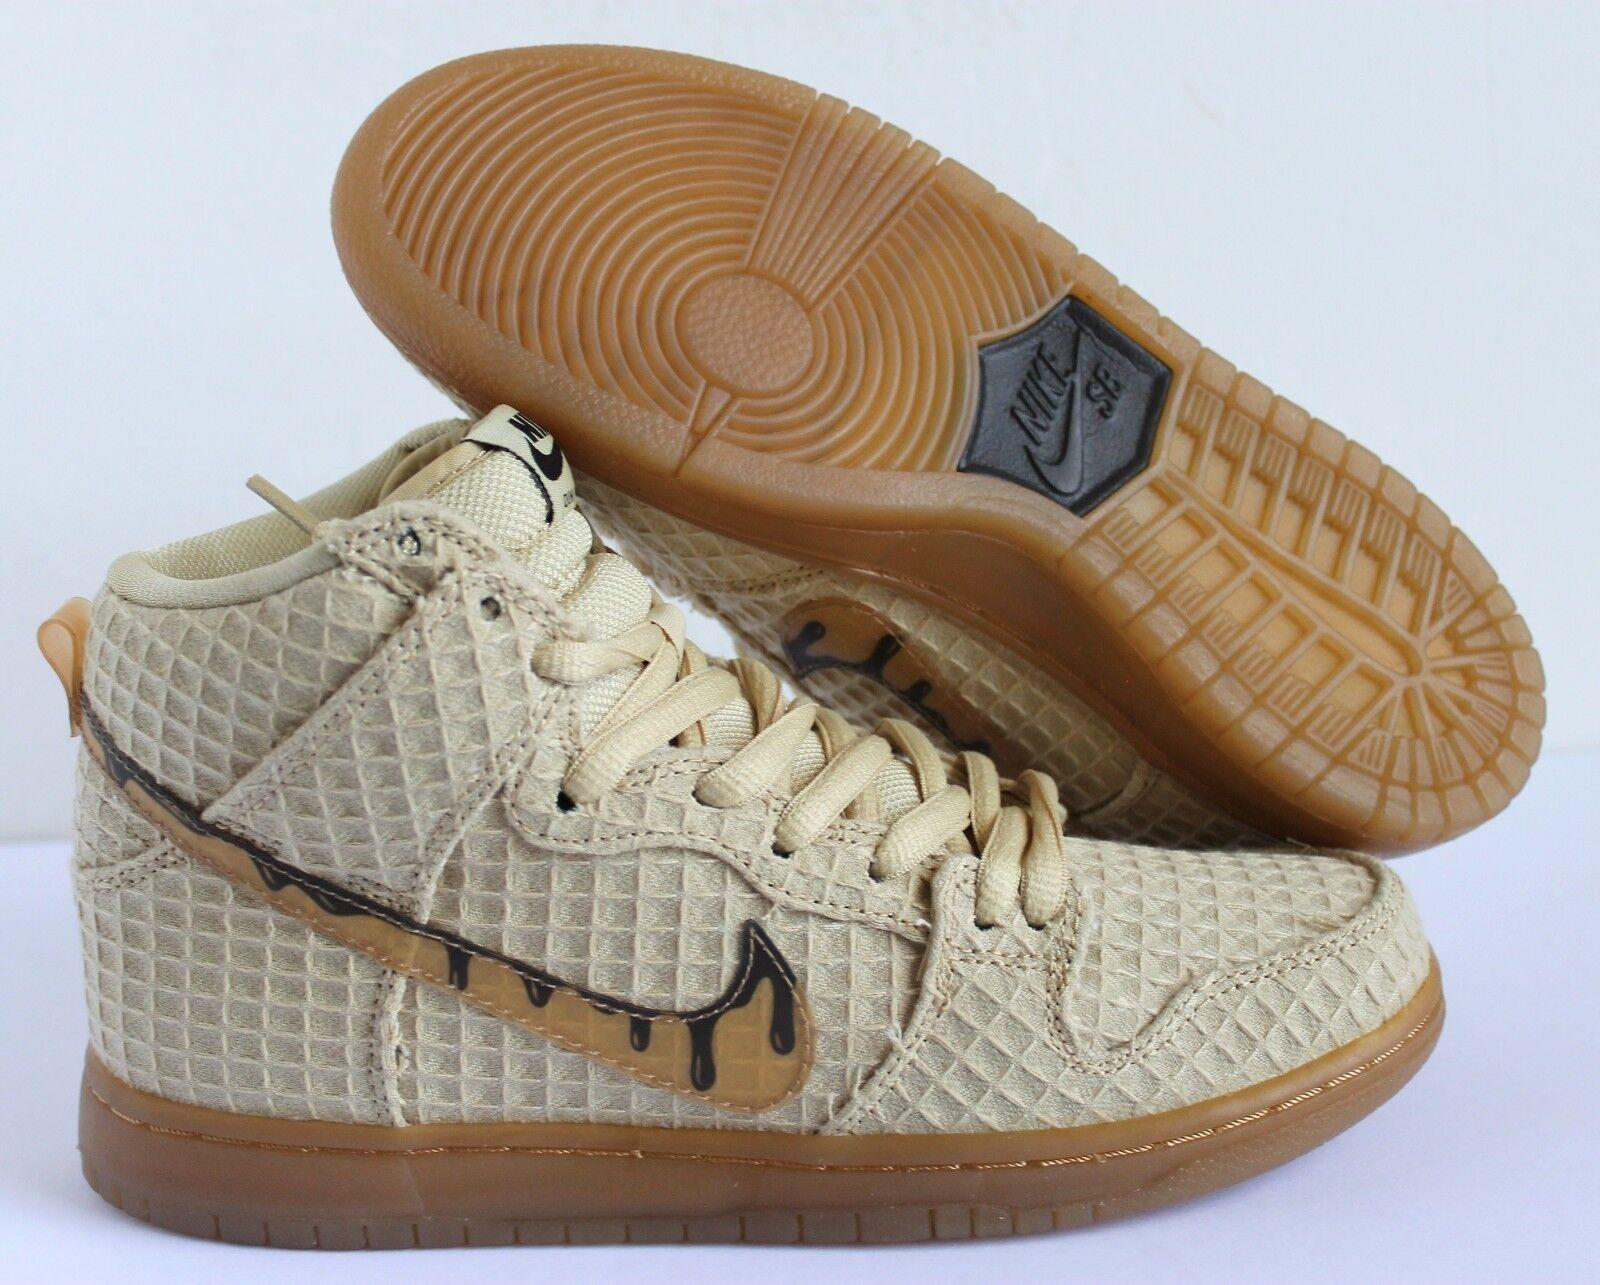 Nike DUNK HIGH PREMIUM SB Pollo & nuevo gofres oro y marrón nuevo & 313171 722 3e96d6